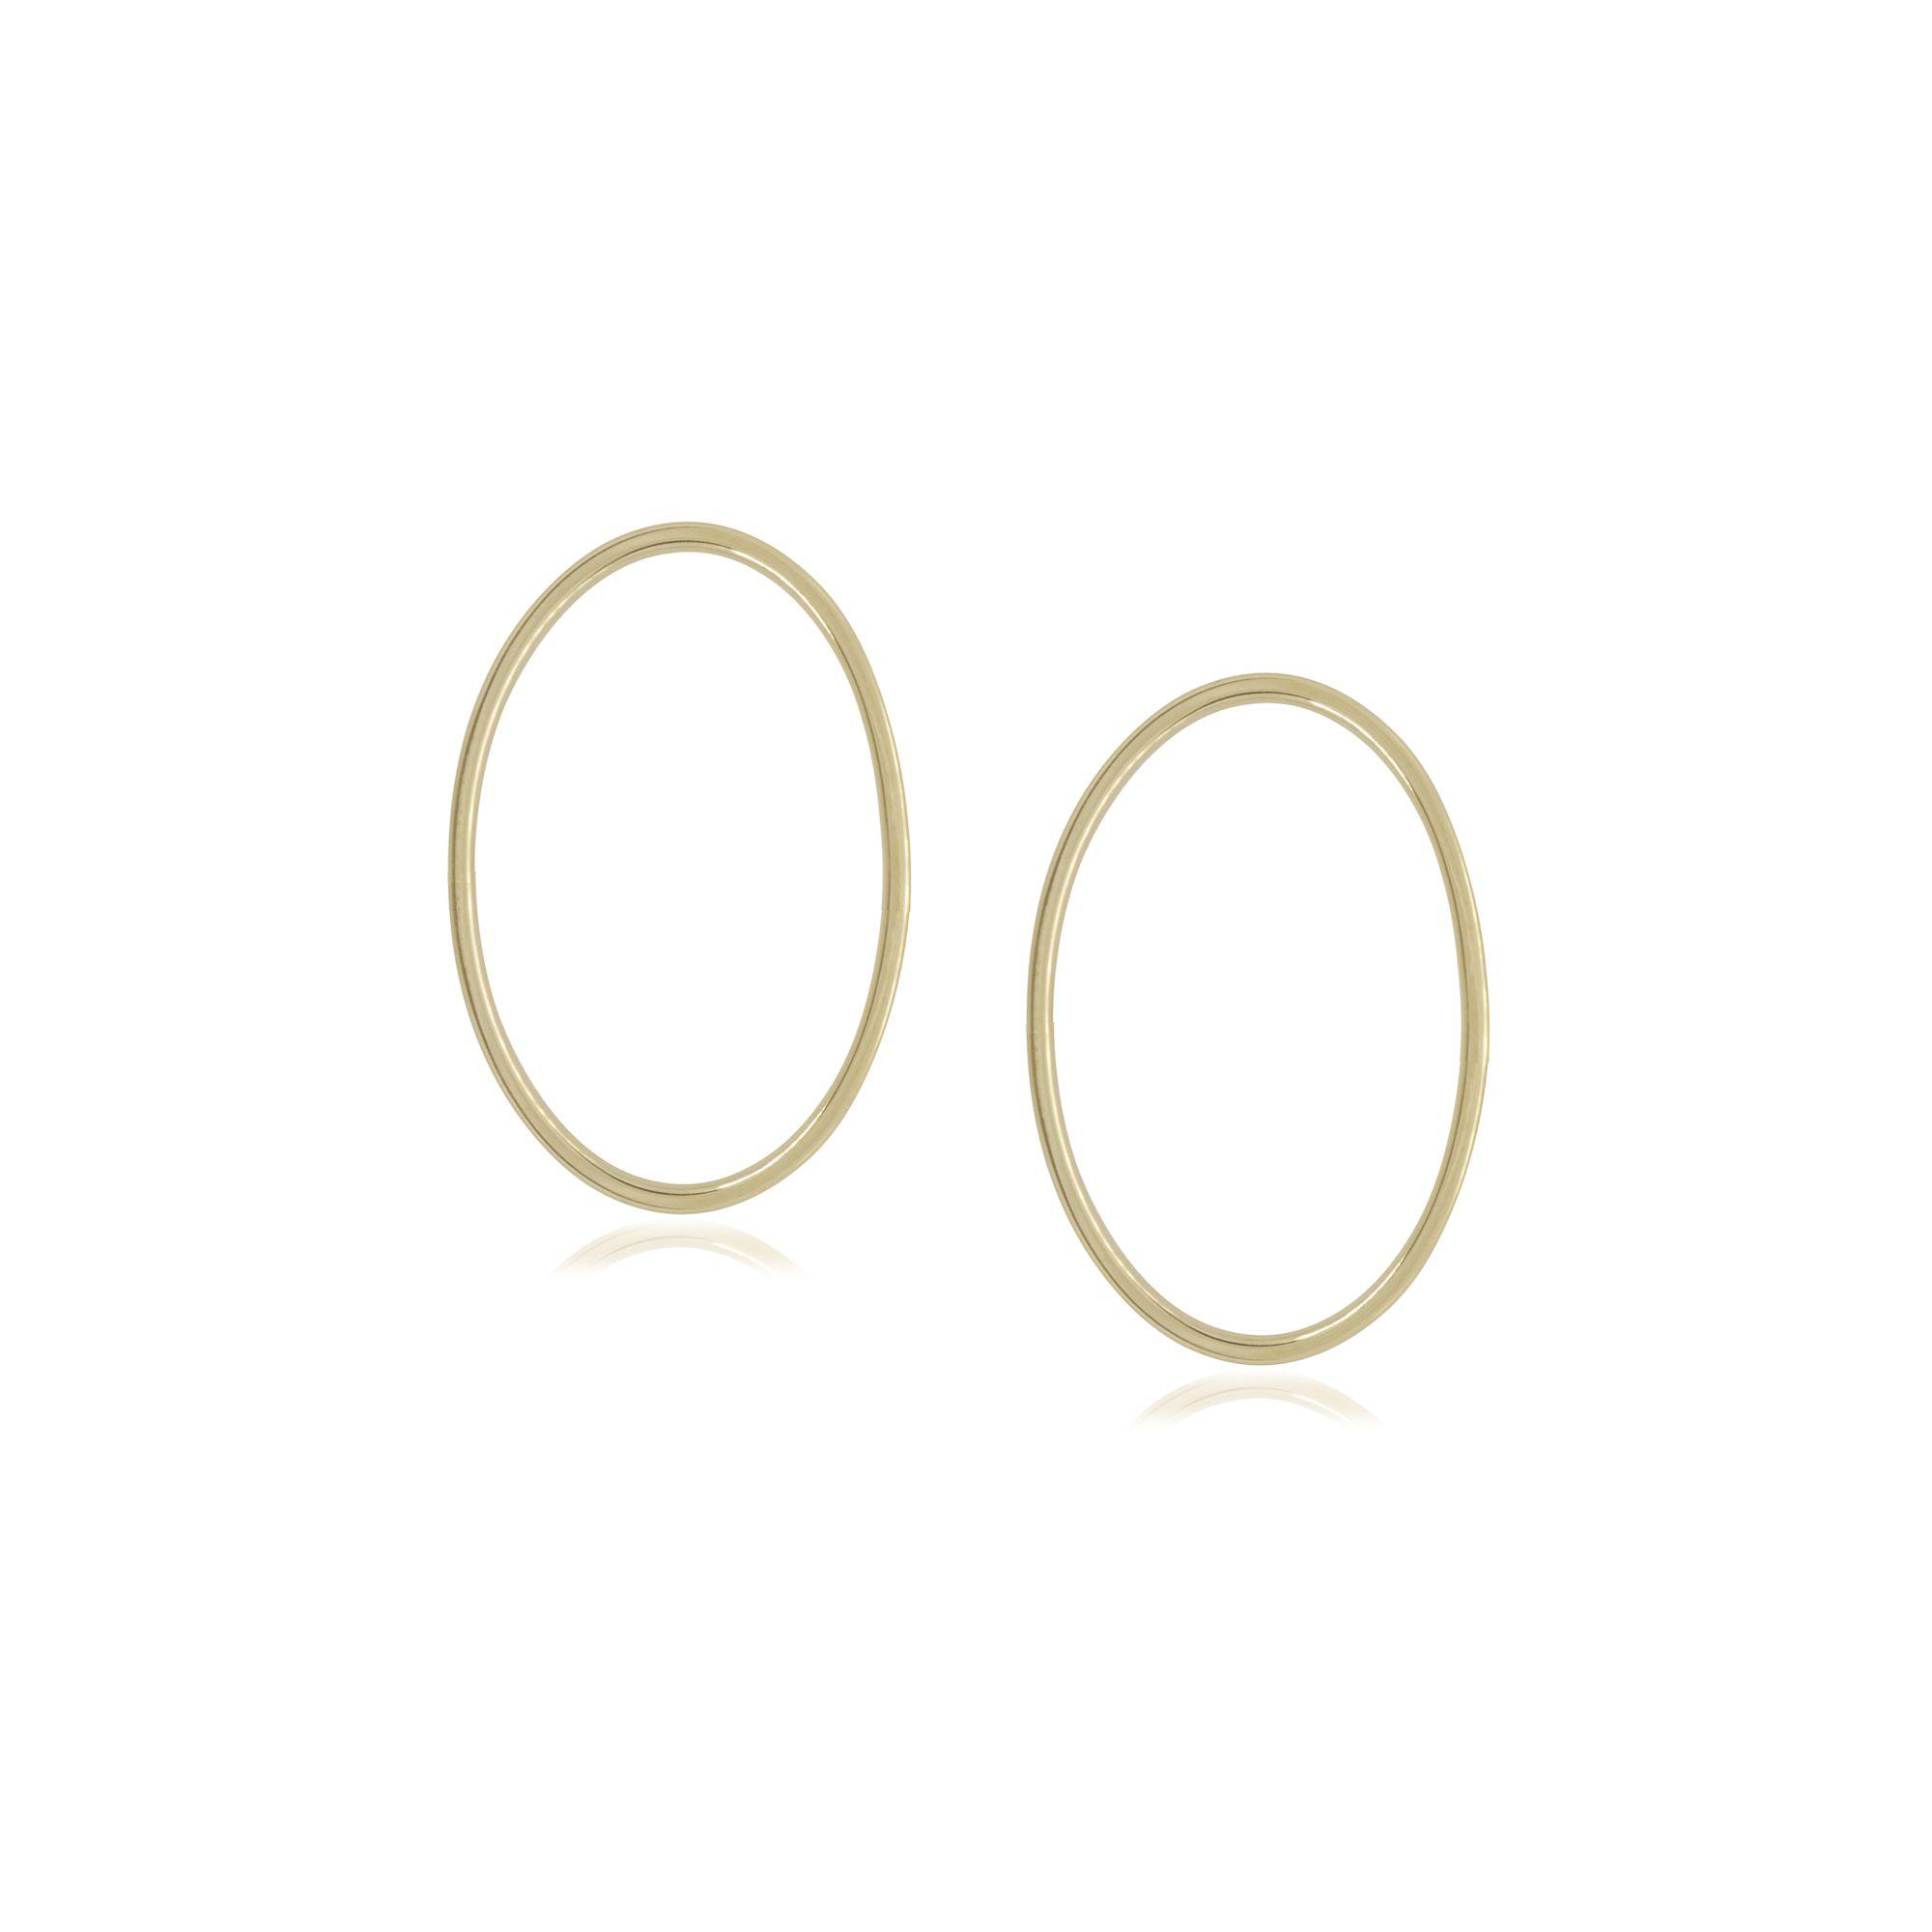 Brinco folheado semijoia e minimalista Oval vazado P